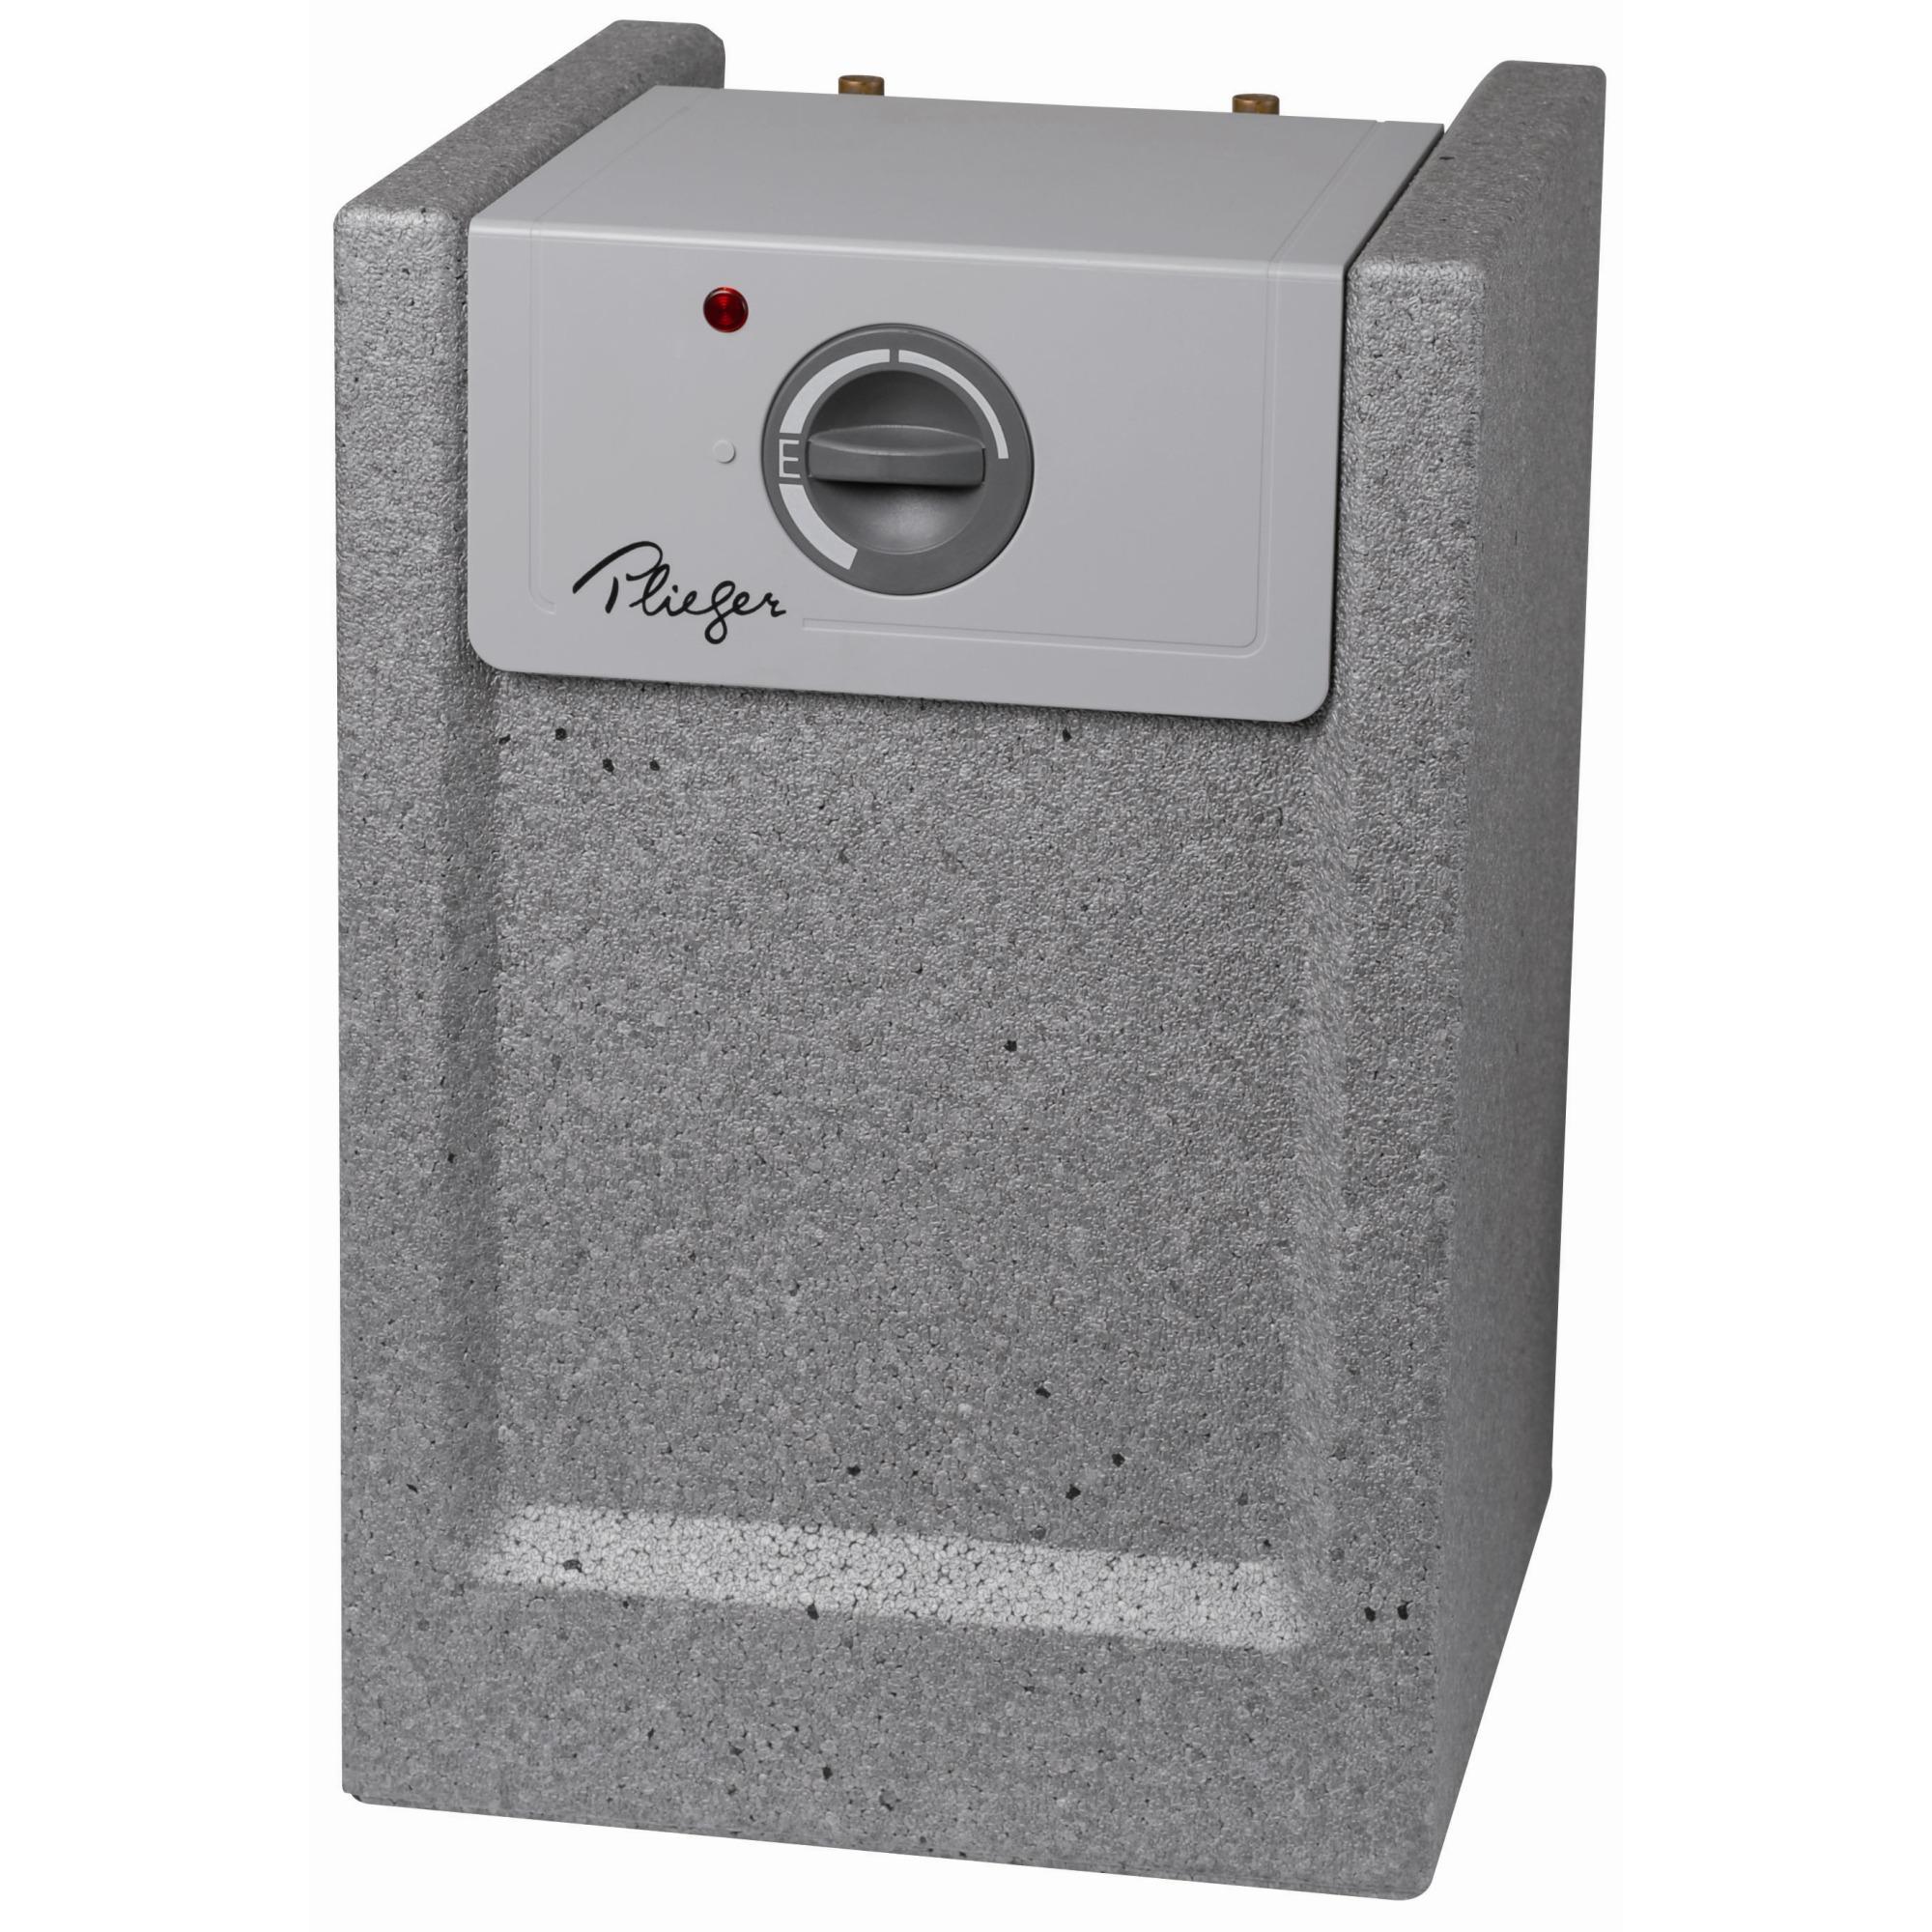 Plieger keukenboiler hot-fill met koperen ketel 10L 400W 12mm aansluiting